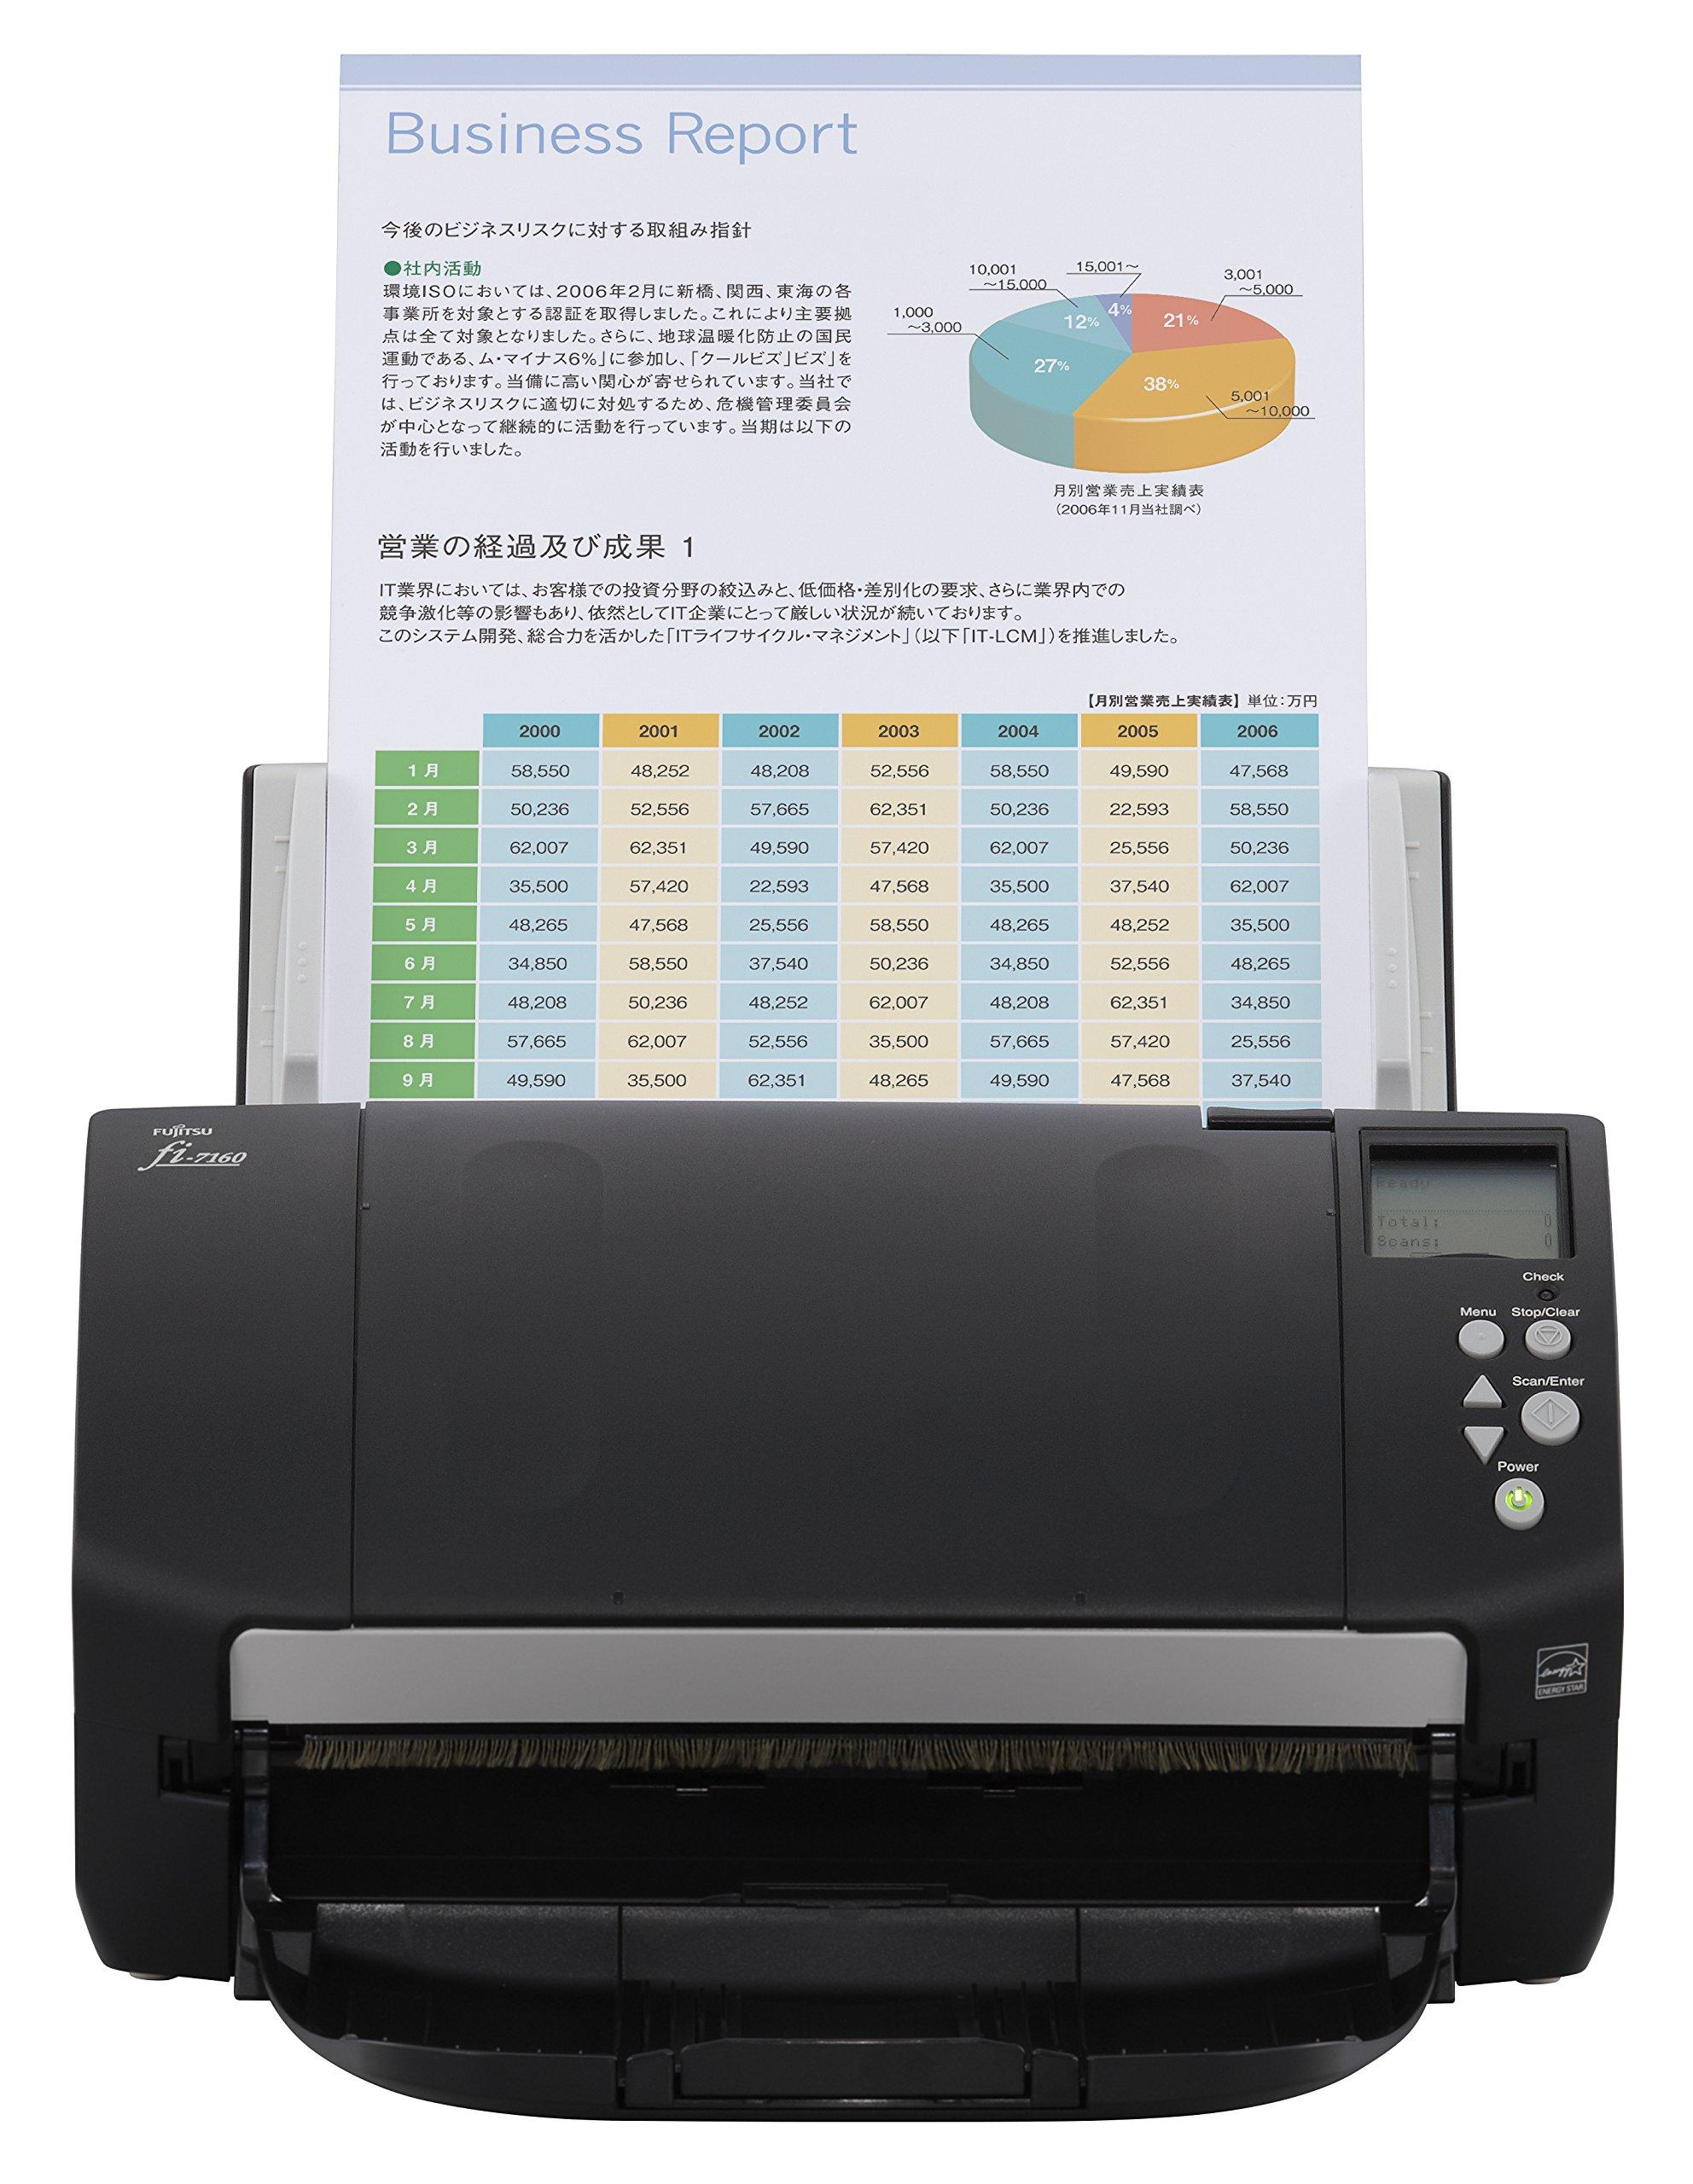 Fujitsu PA03670-B055-R fi-7160 Scanner, Renewed